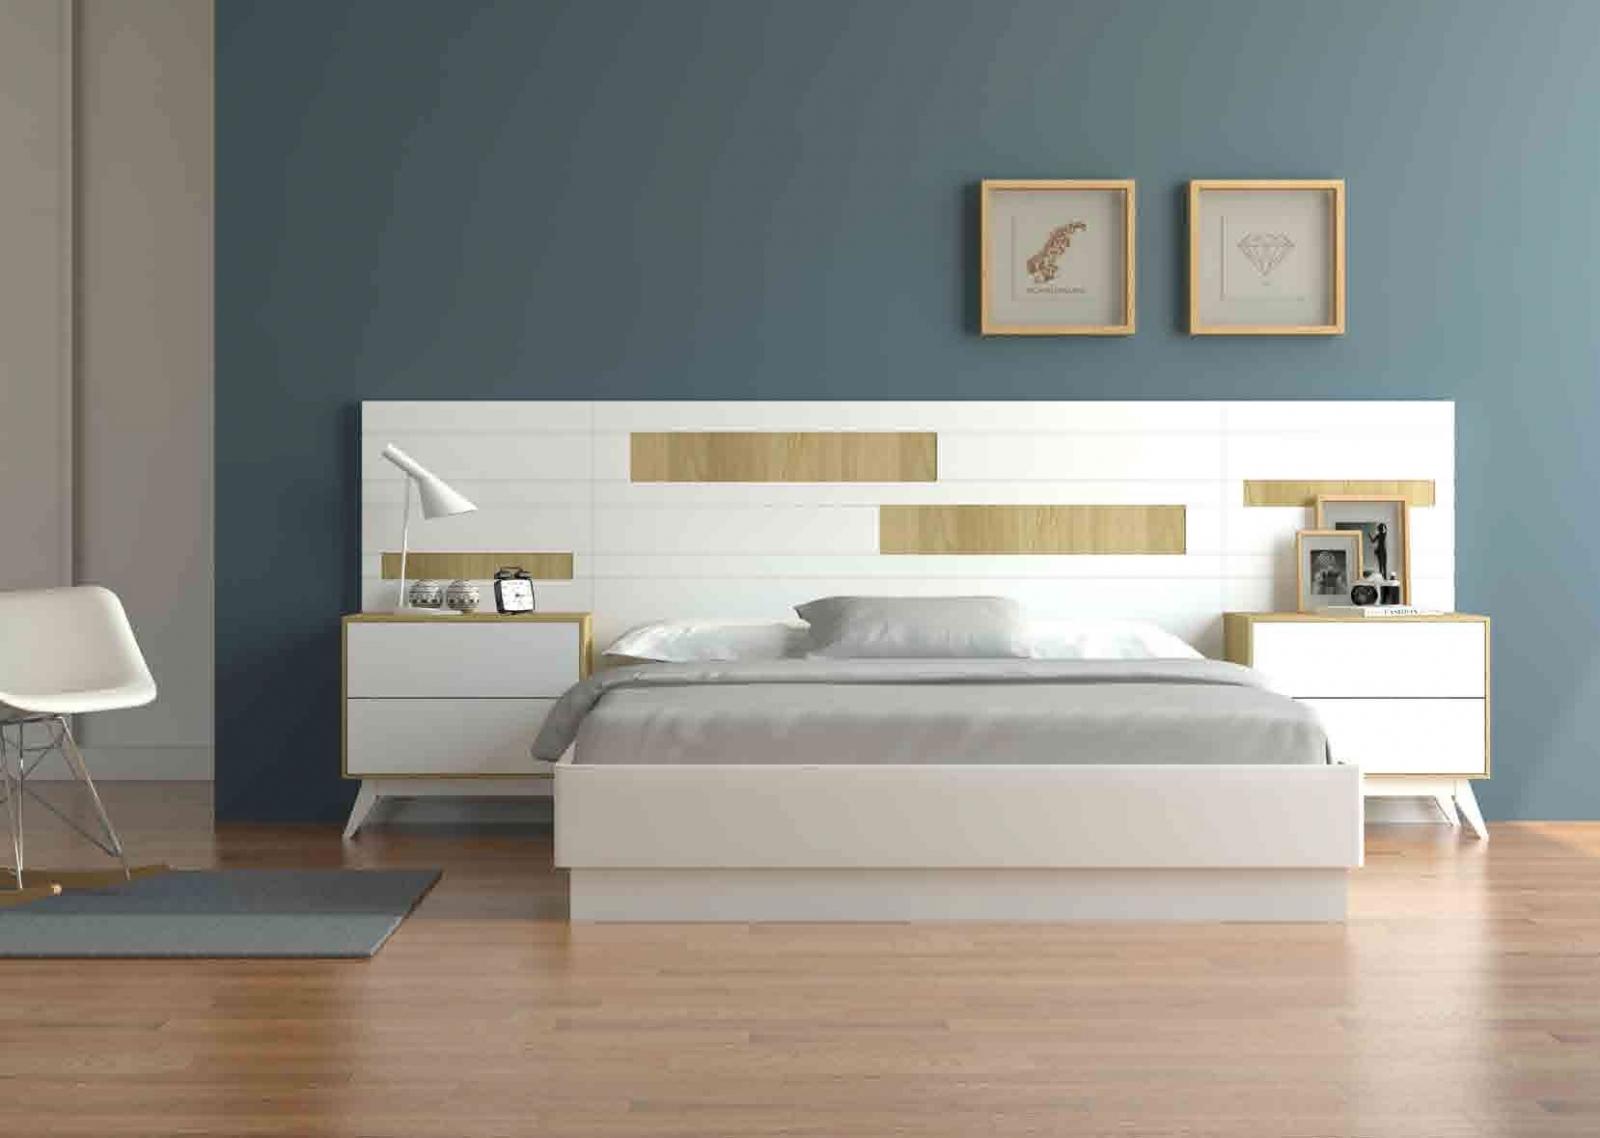 Conjunto de Dormitorio DANCE-5 - Conjunto de Dormitorio DANCE-5